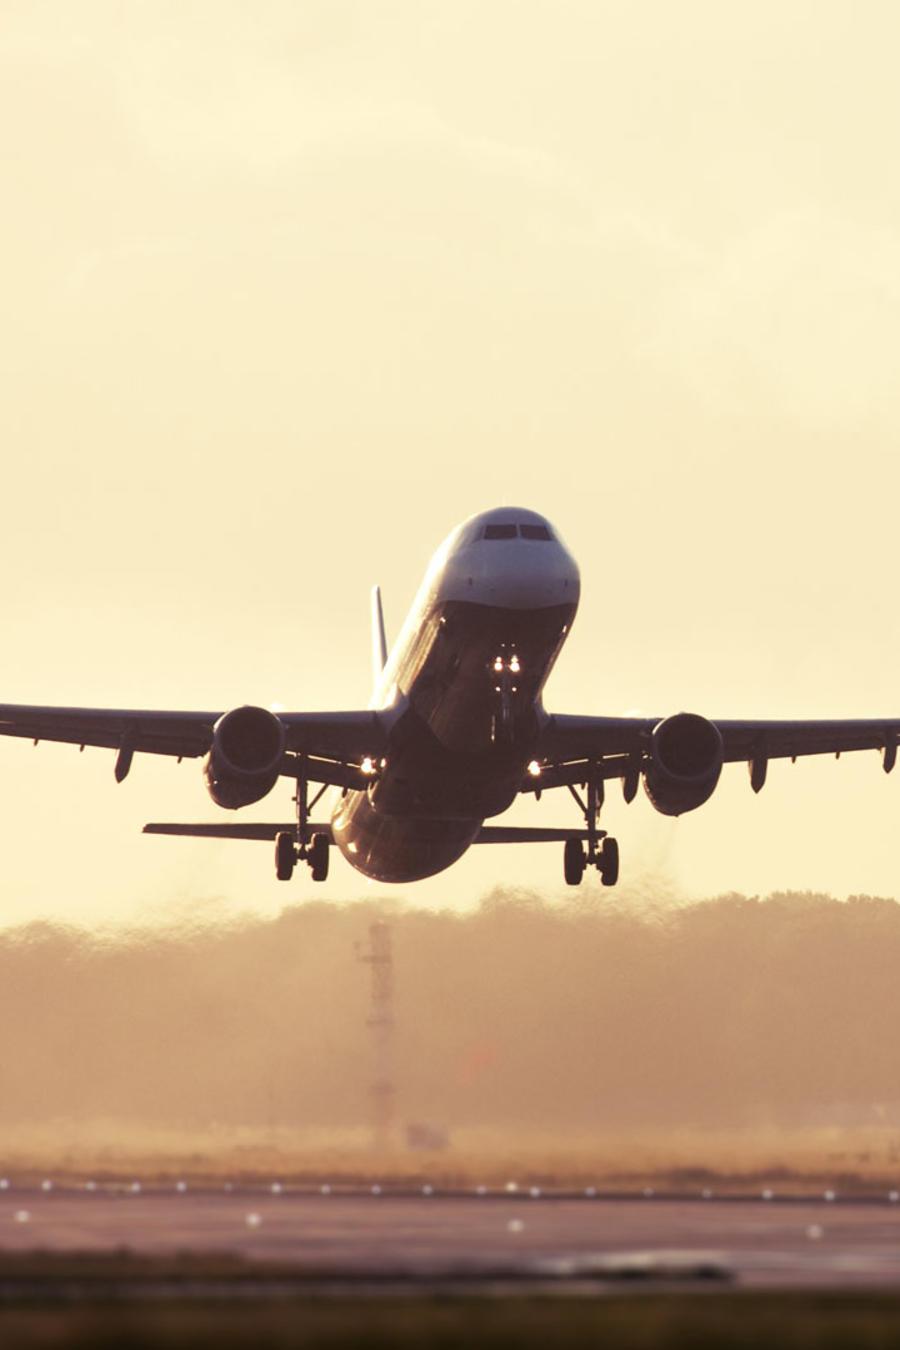 mejores aerolineas avion despegando